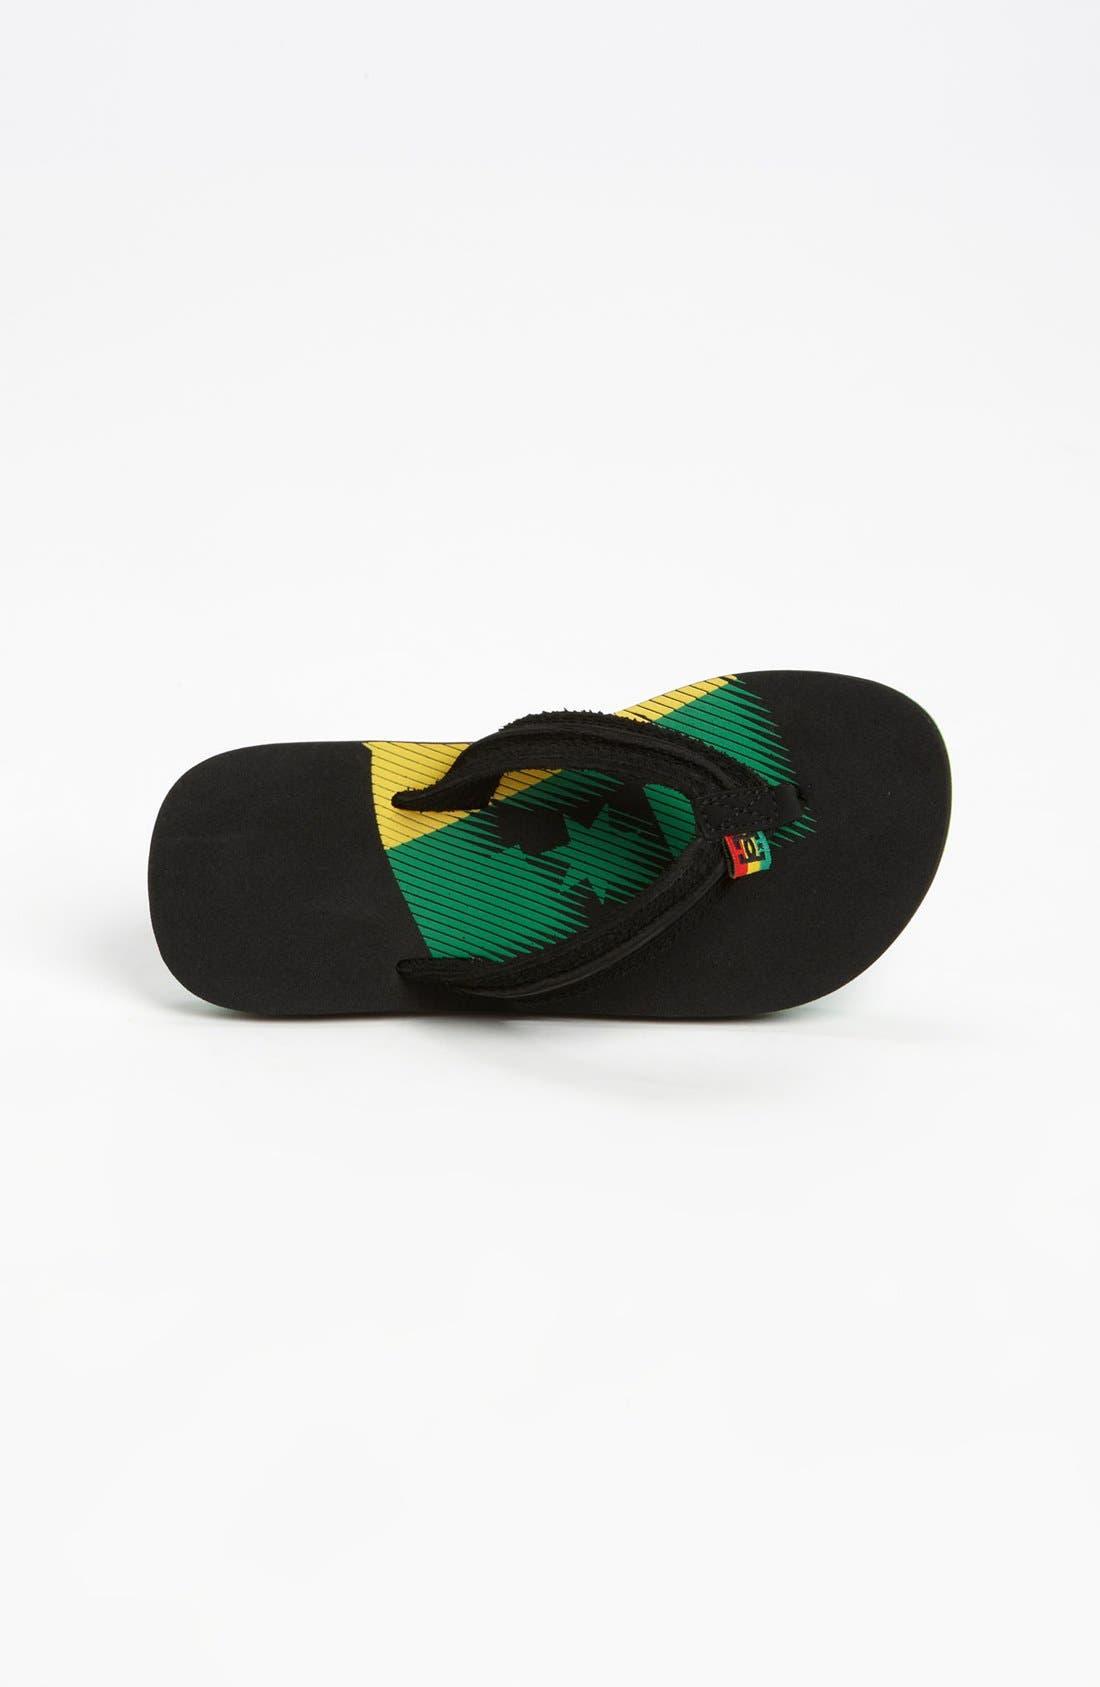 Alternate Image 3  - DC Shoes 'Central' Sandal (Toddler, Little Kid & Big Kid)